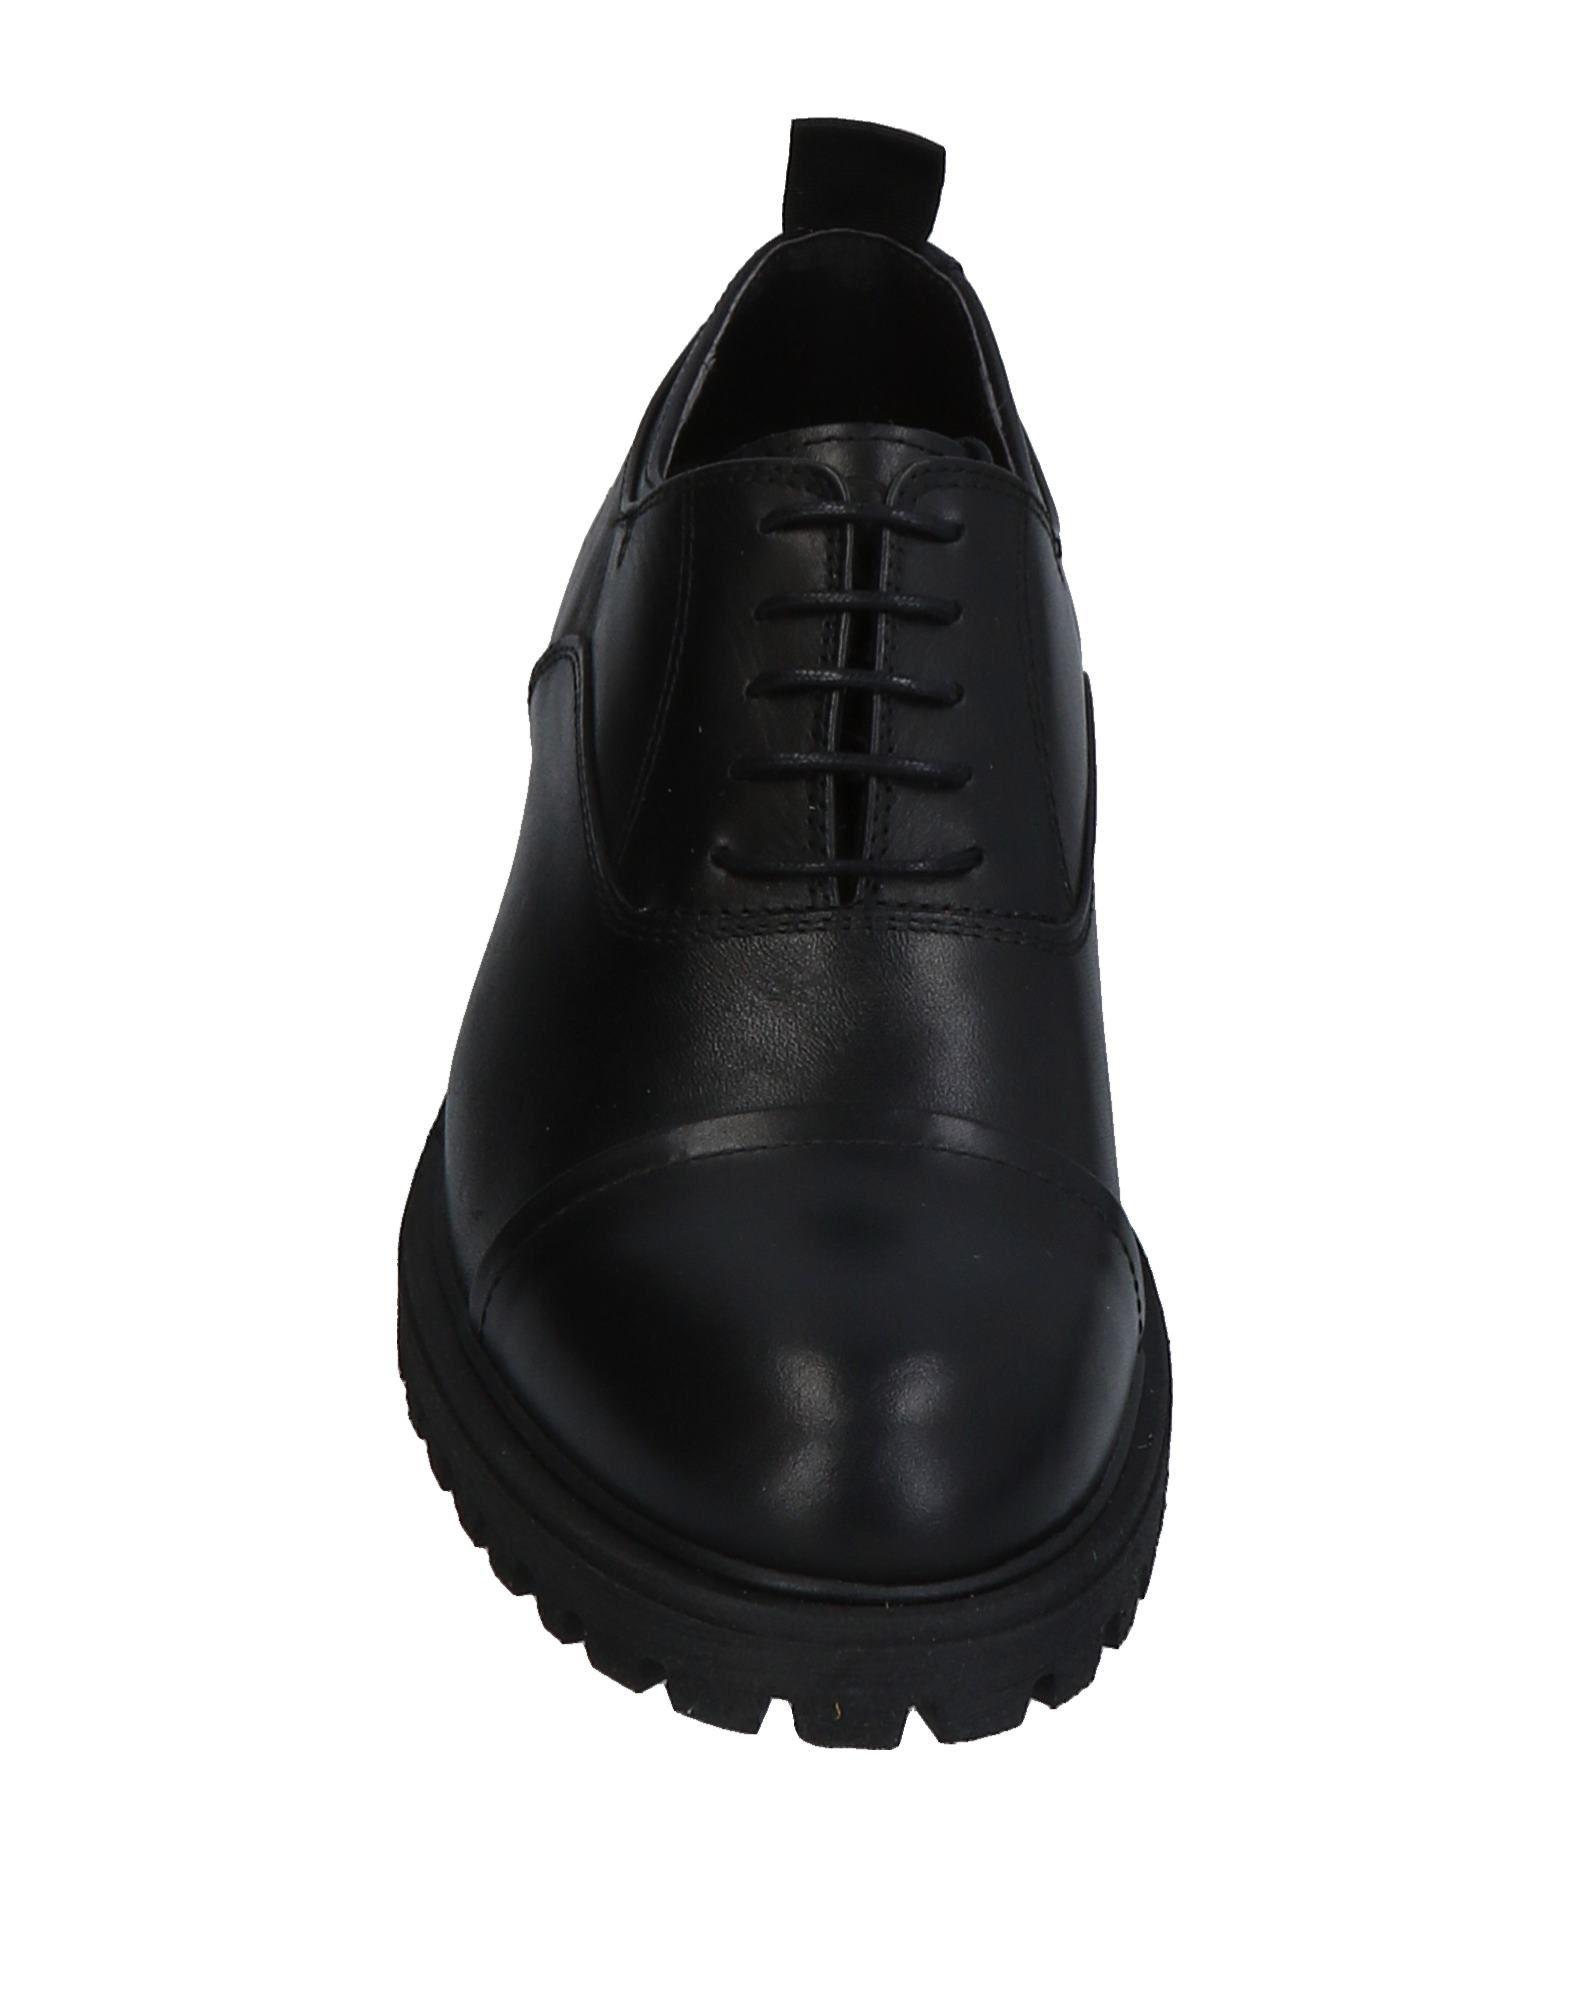 Rabatt echte Schuhe Herren Eredi Del Duca Schnürschuhe Herren Schuhe  11451816FA 2fc95c